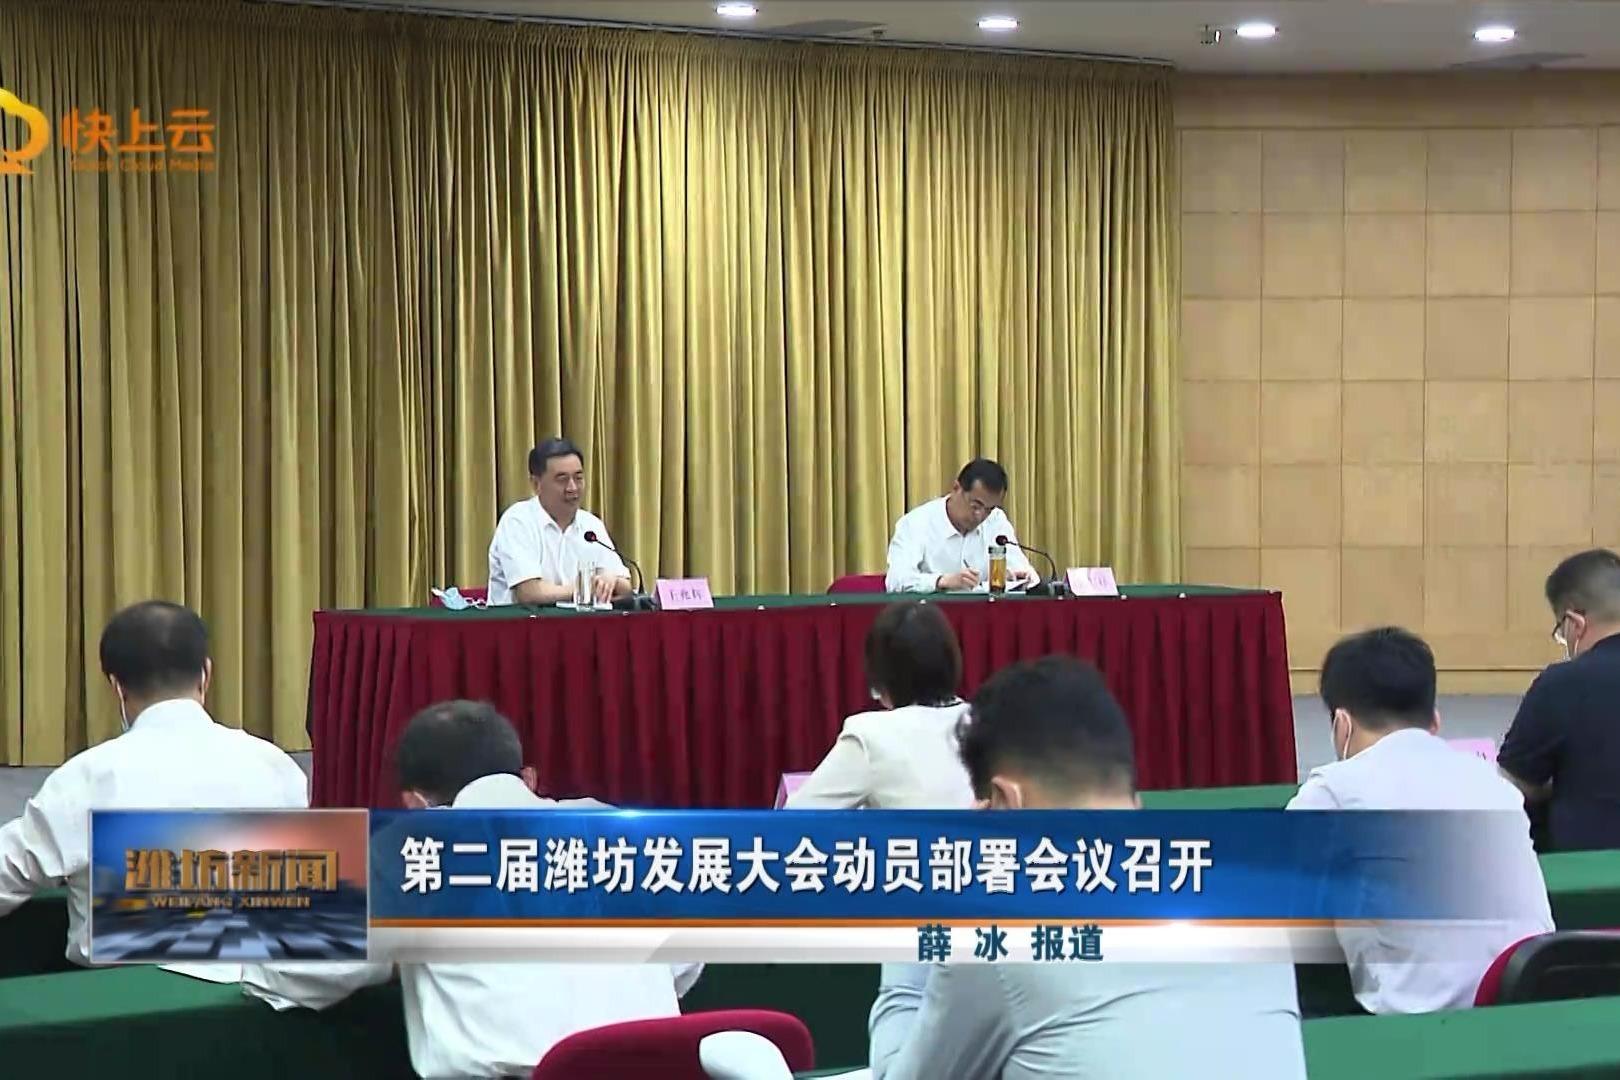 第二届潍坊发展大会动员部署会议召开